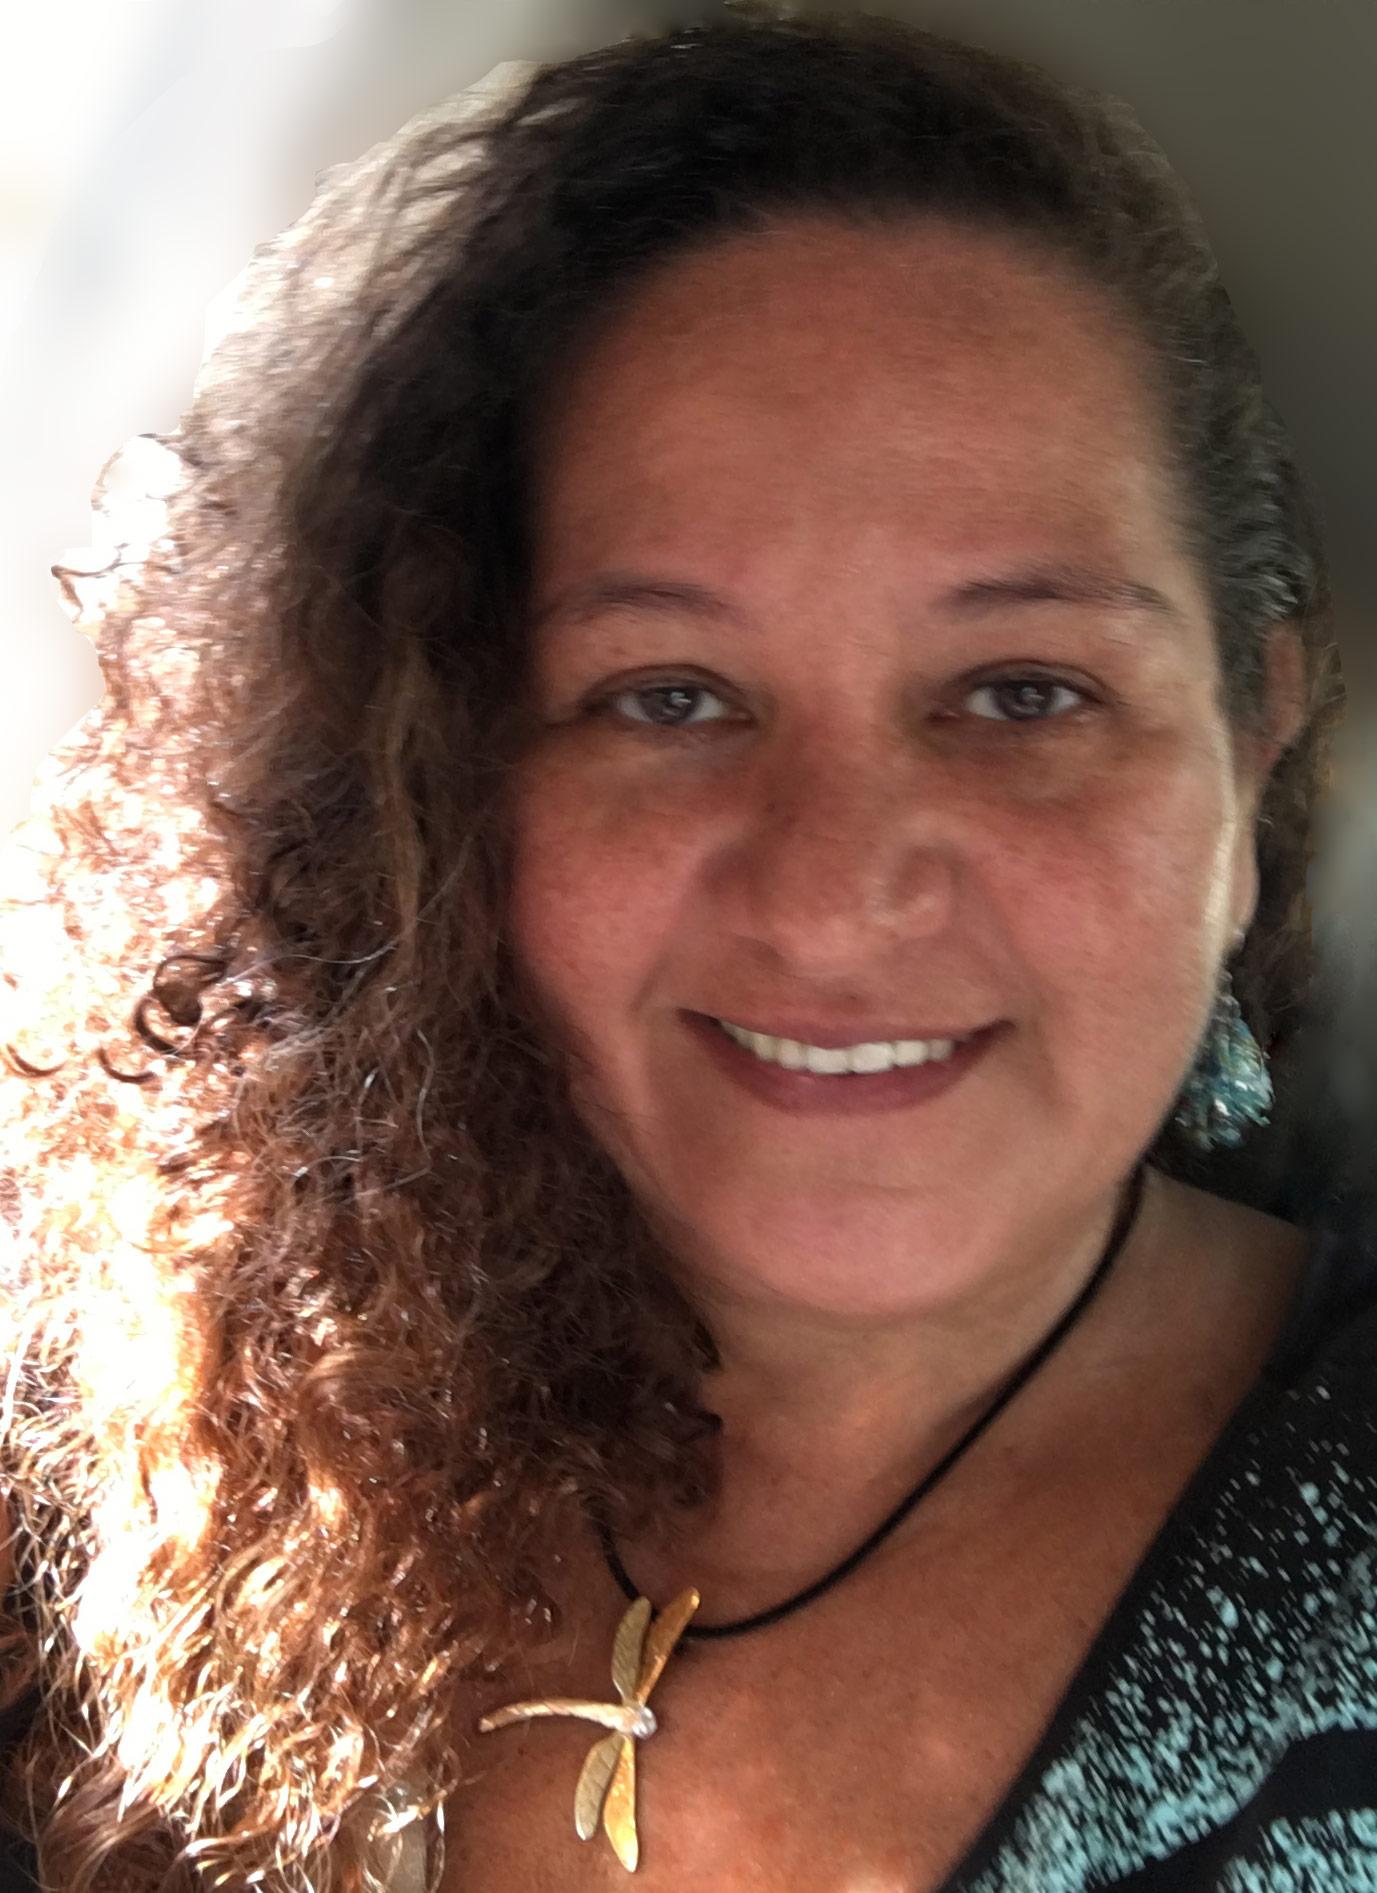 ivanara-moura-profile-webdesigner-webdesigncia